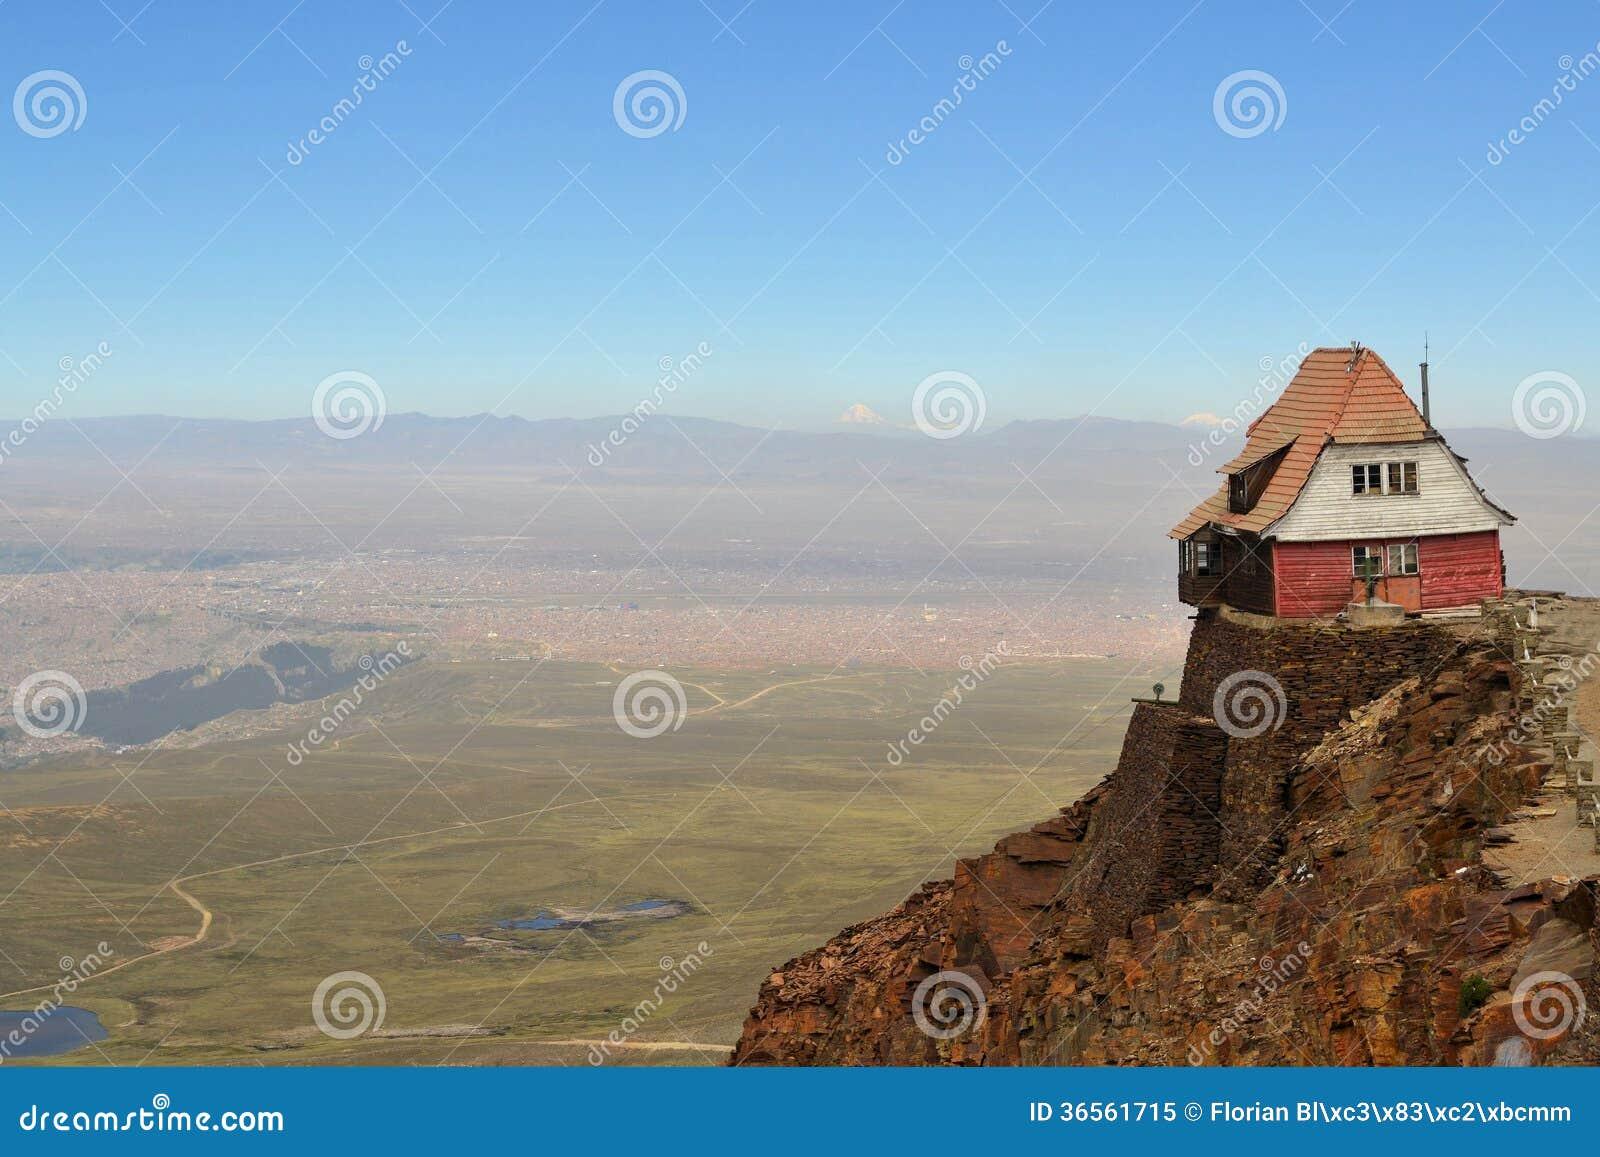 Domowa siedząca wysokość na krawędzi skalistych falez